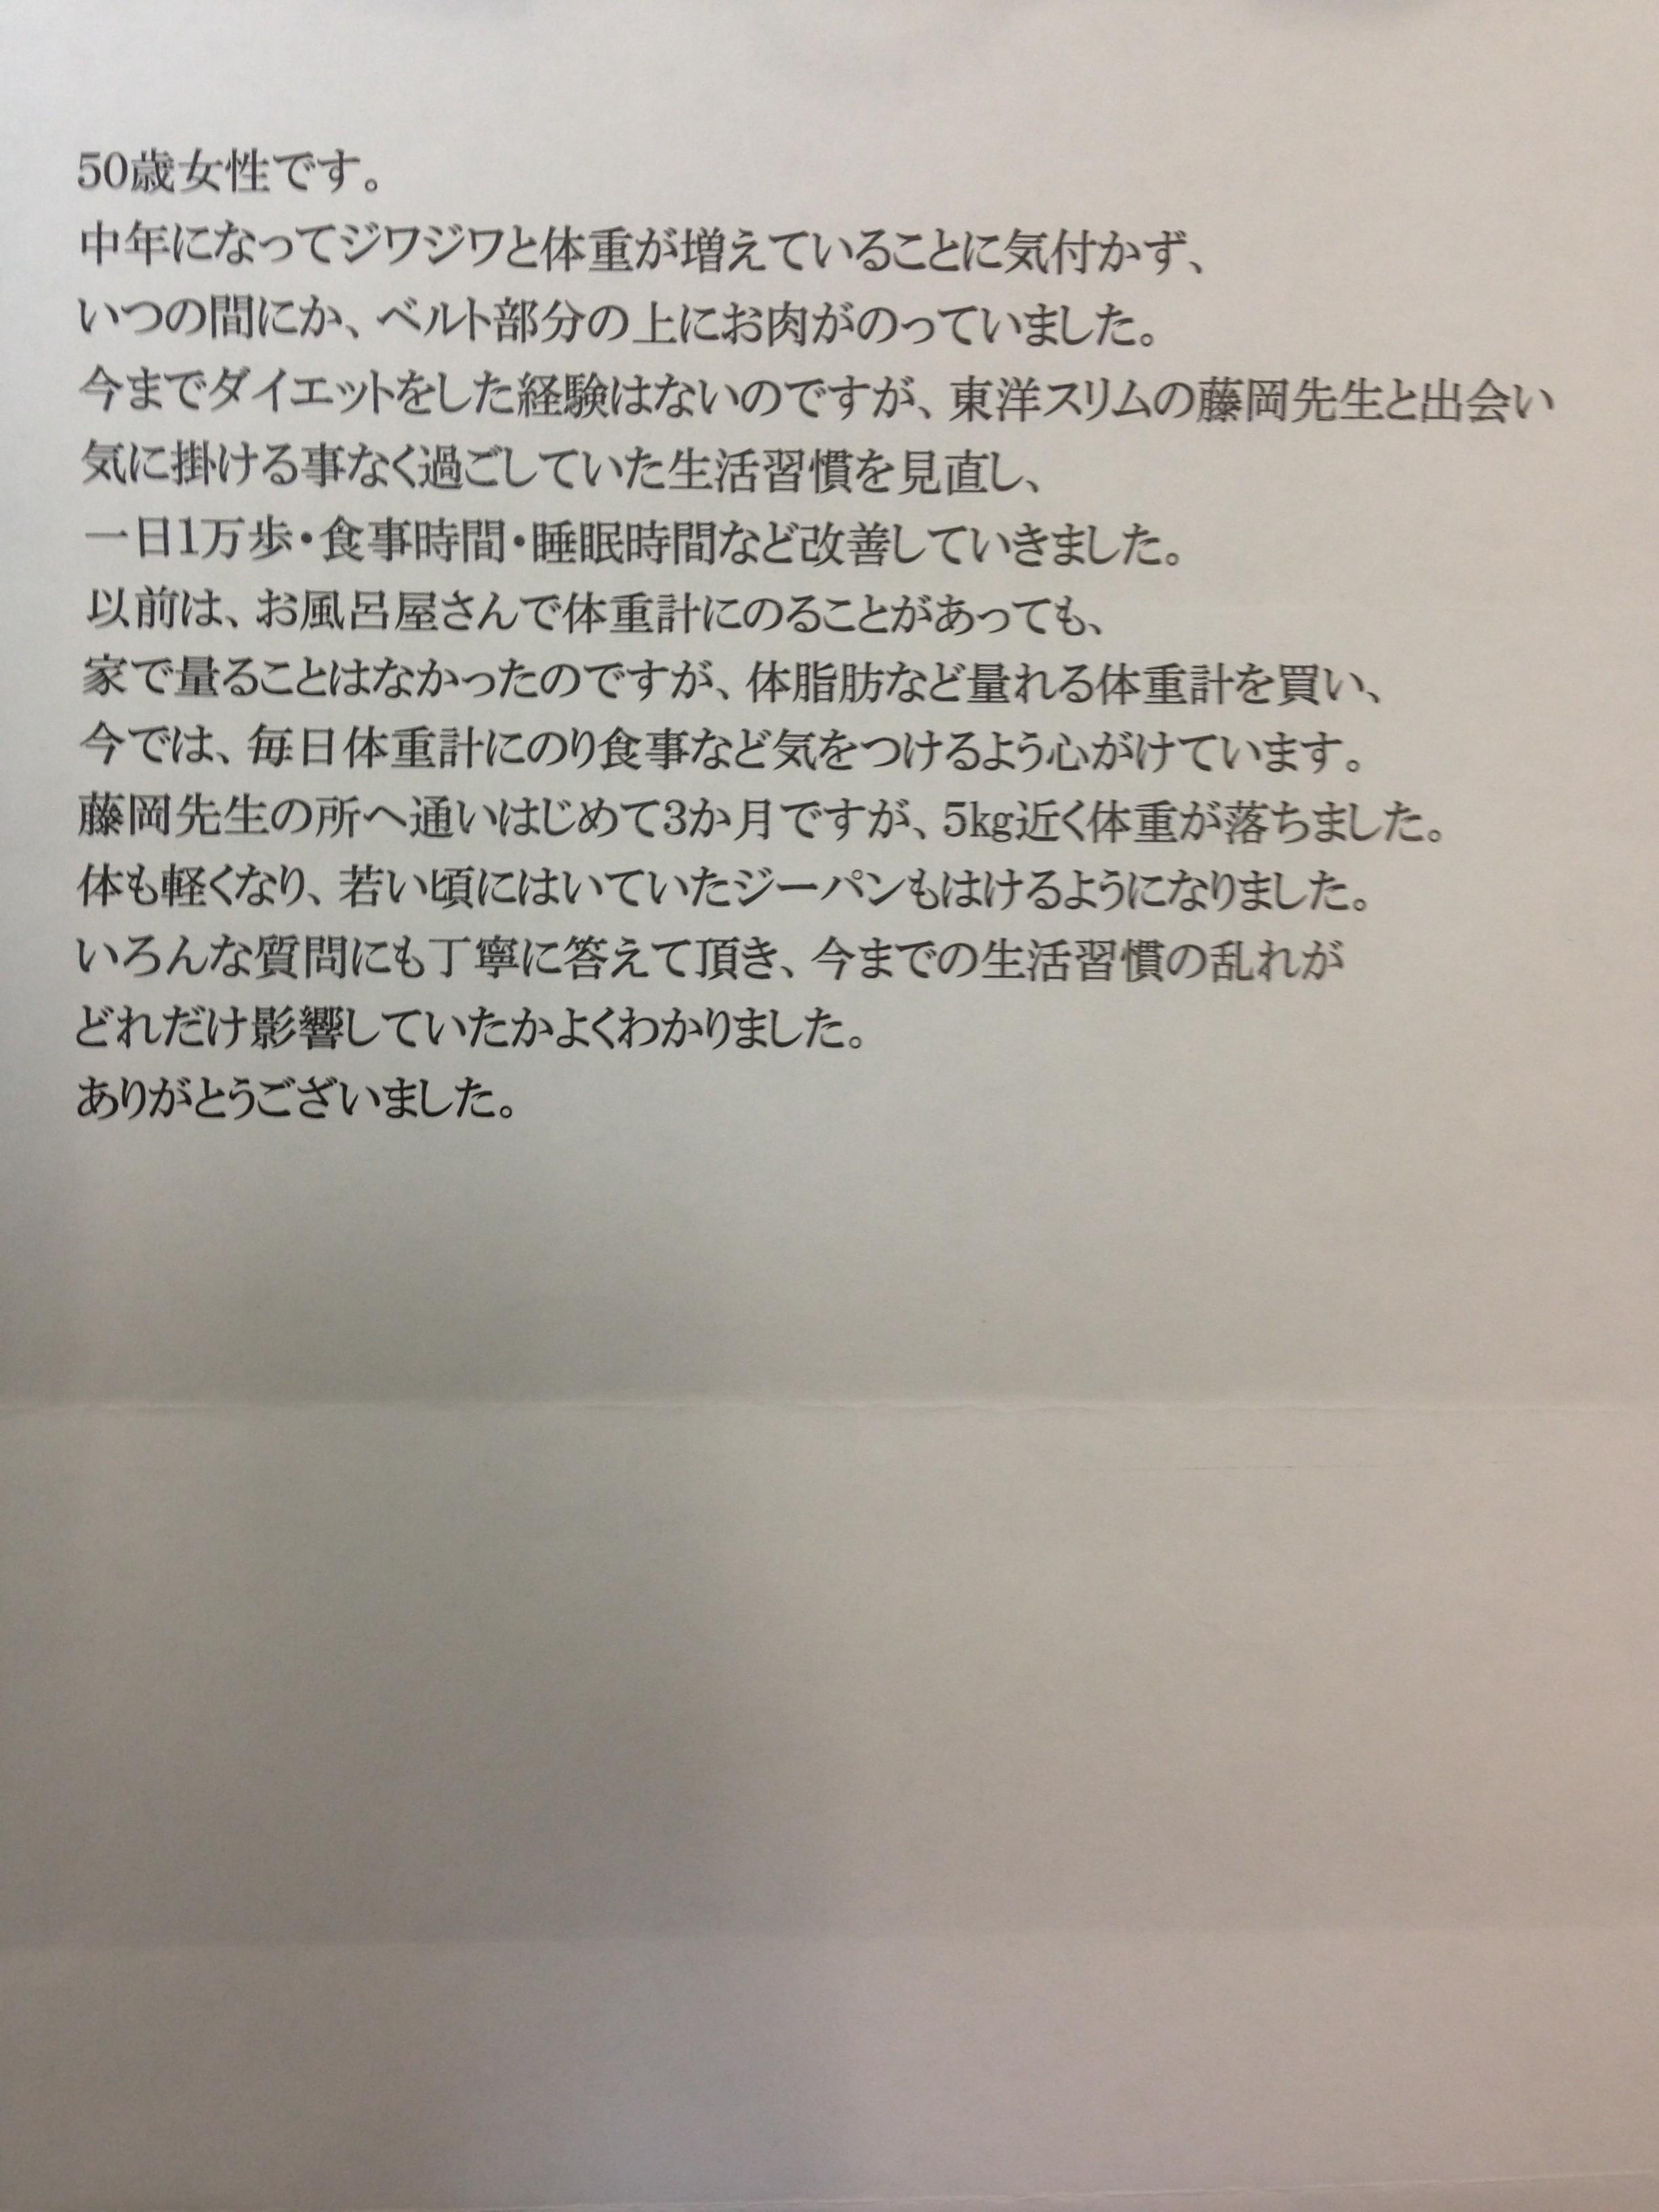 藤井寺市Kさん(50才)耳ツボ痩身法でー5kgダイエット成功。ベルトの上にお肉がのっていました。